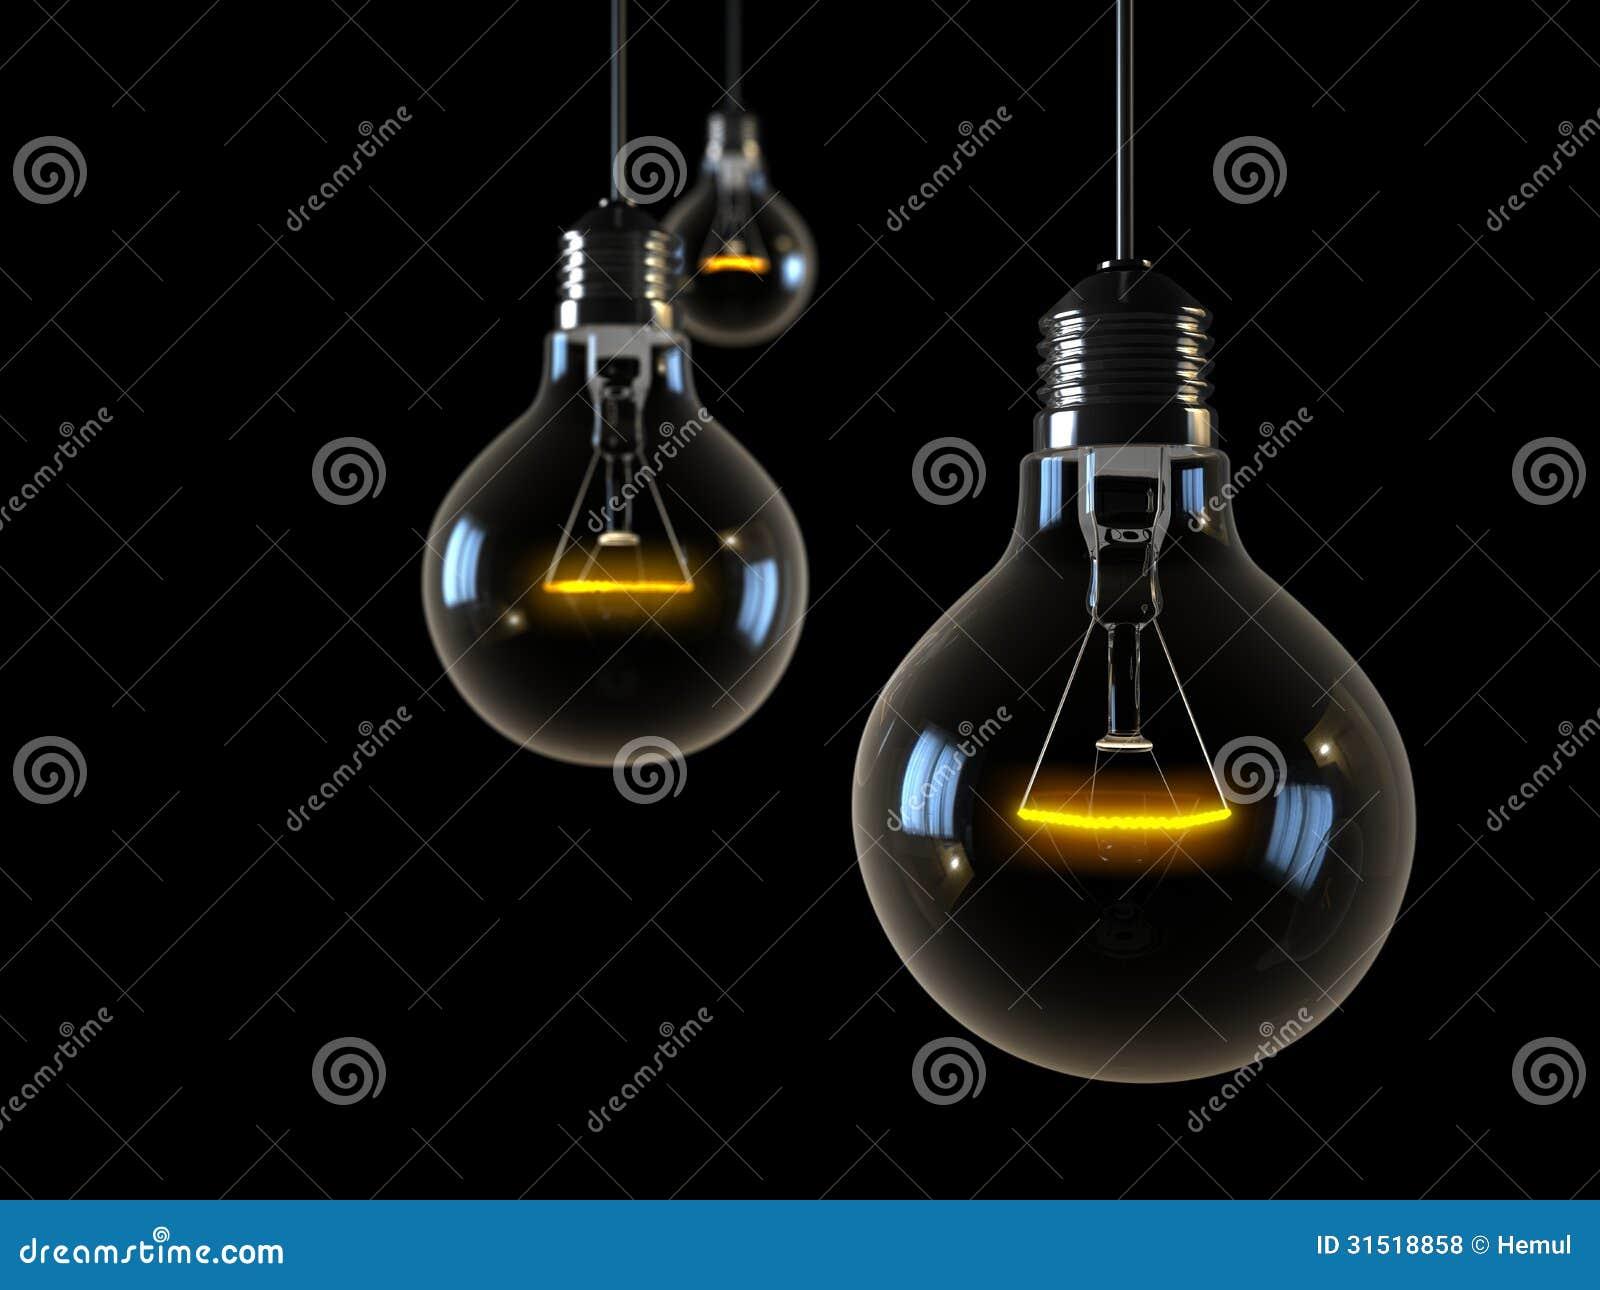 Drei Glühende Lichter Auf Schwarzem Hintergrund Stockfoto - Bild ...